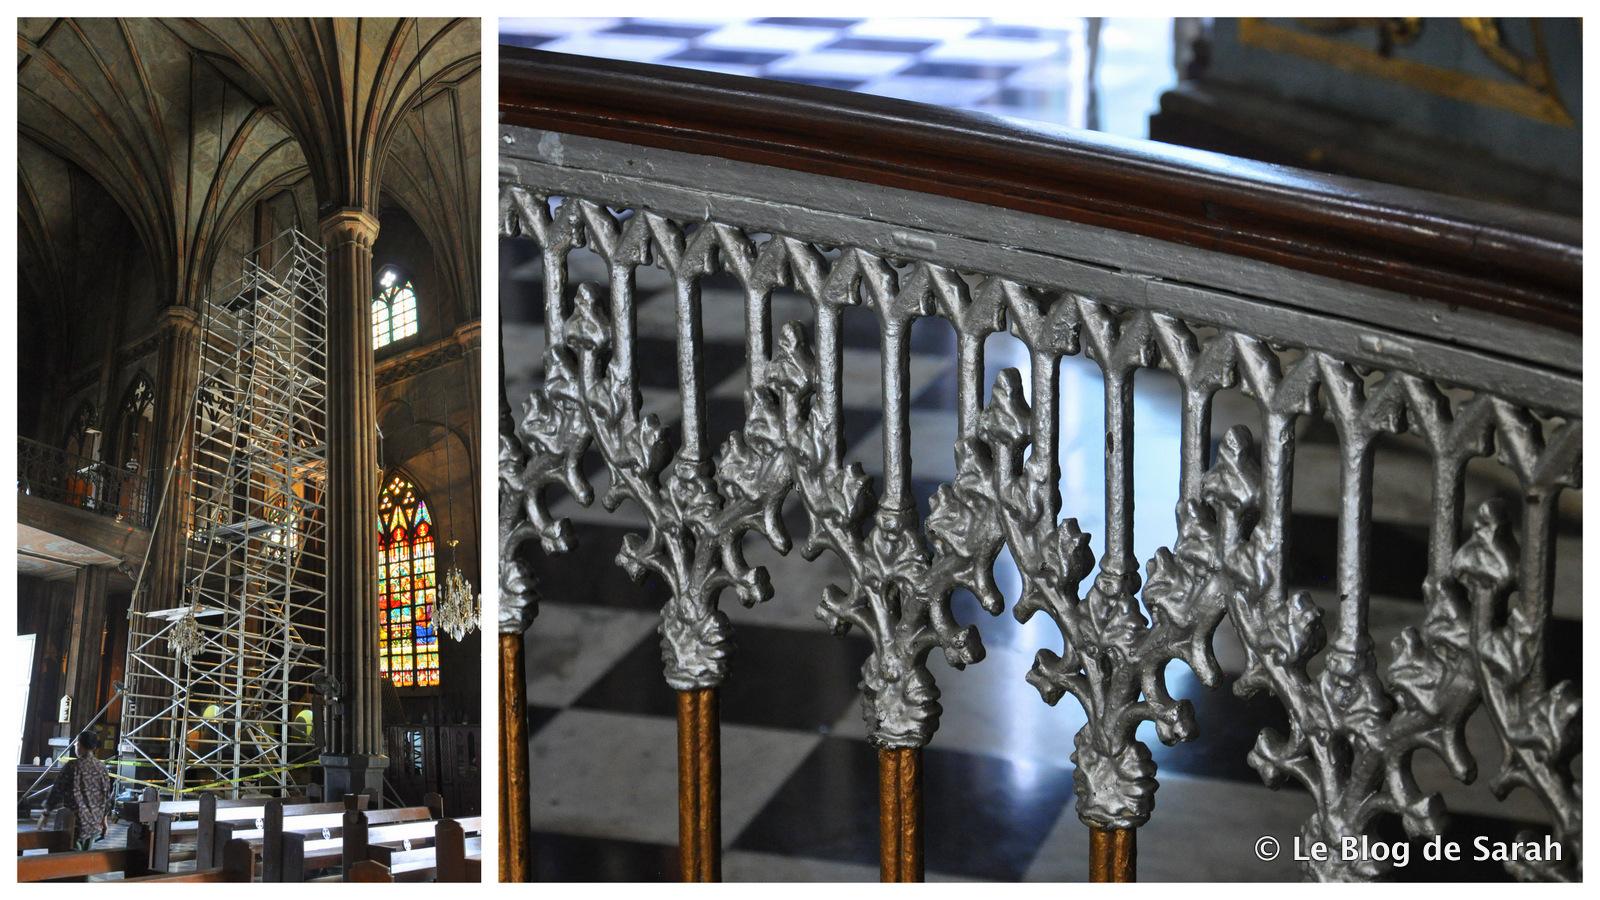 Una basílica de acero bajo el andamio para reparar daños por corrosión